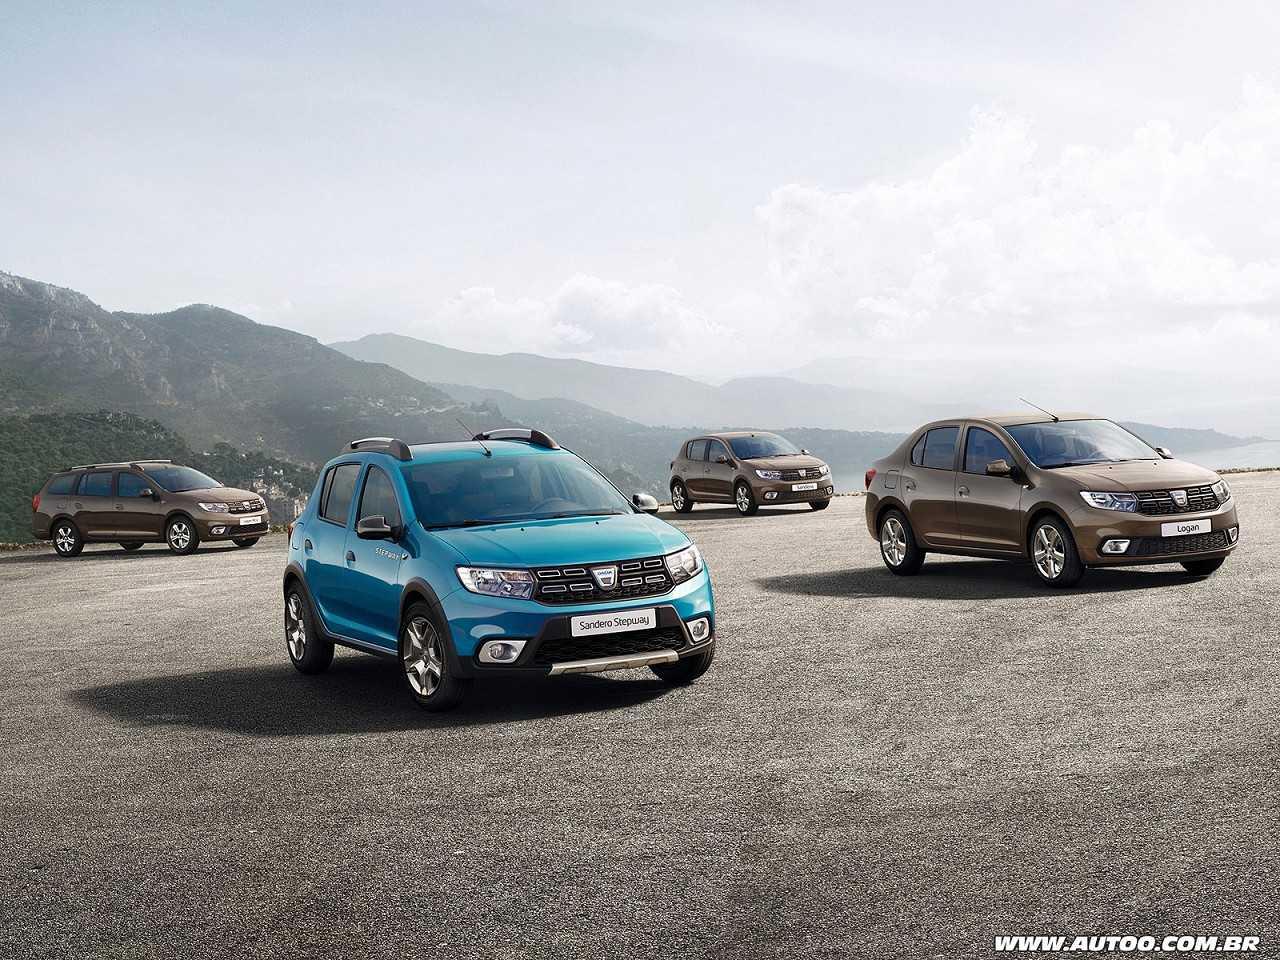 Gama Dacia Logan e Sandero com o facelift que será revelado no Salão de Paris